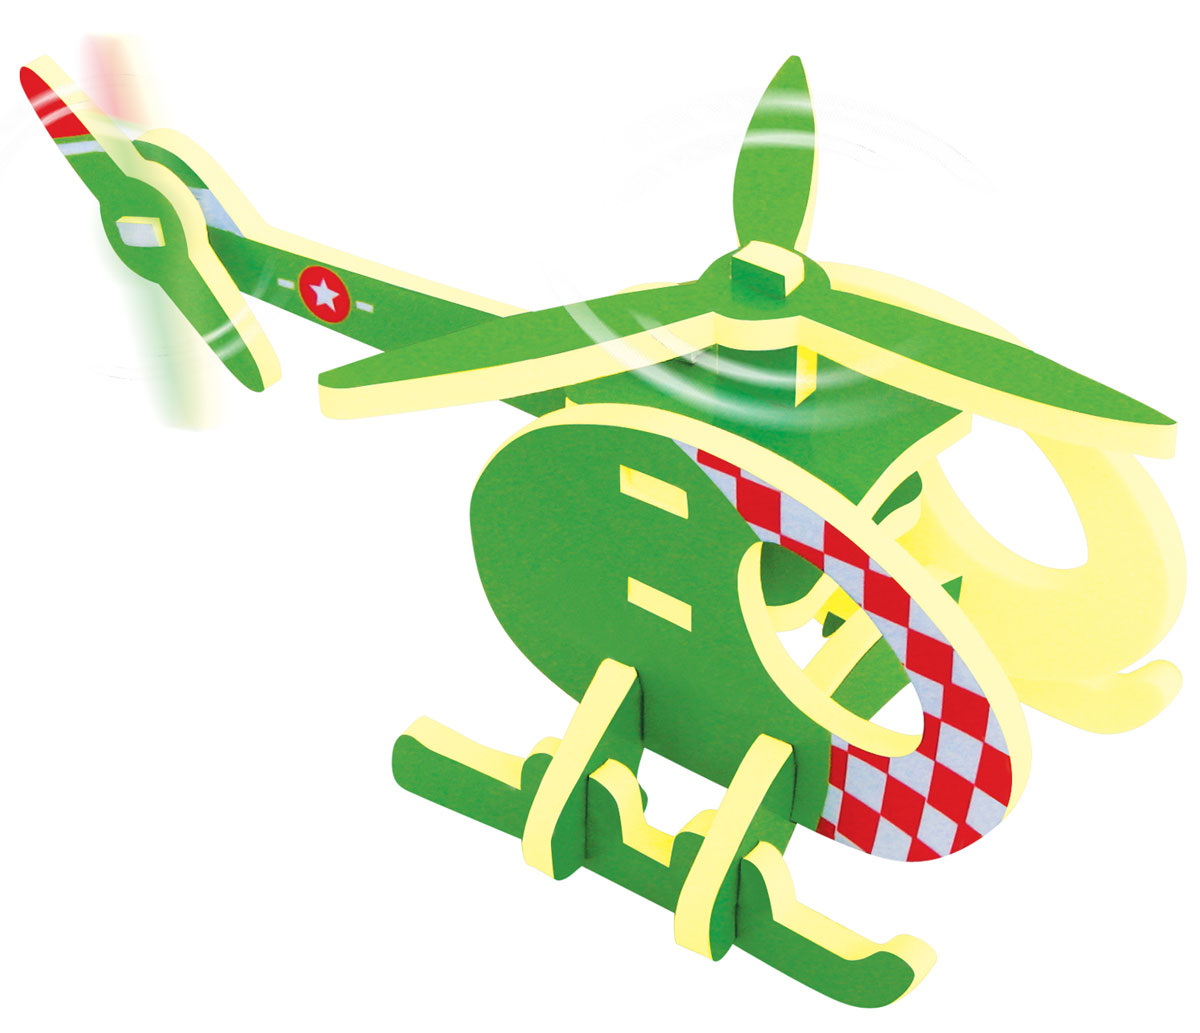 Купить Bebelot 3D мягкий конструктор Вертолет, Биг Три Интернешенел КО., ЛТД.